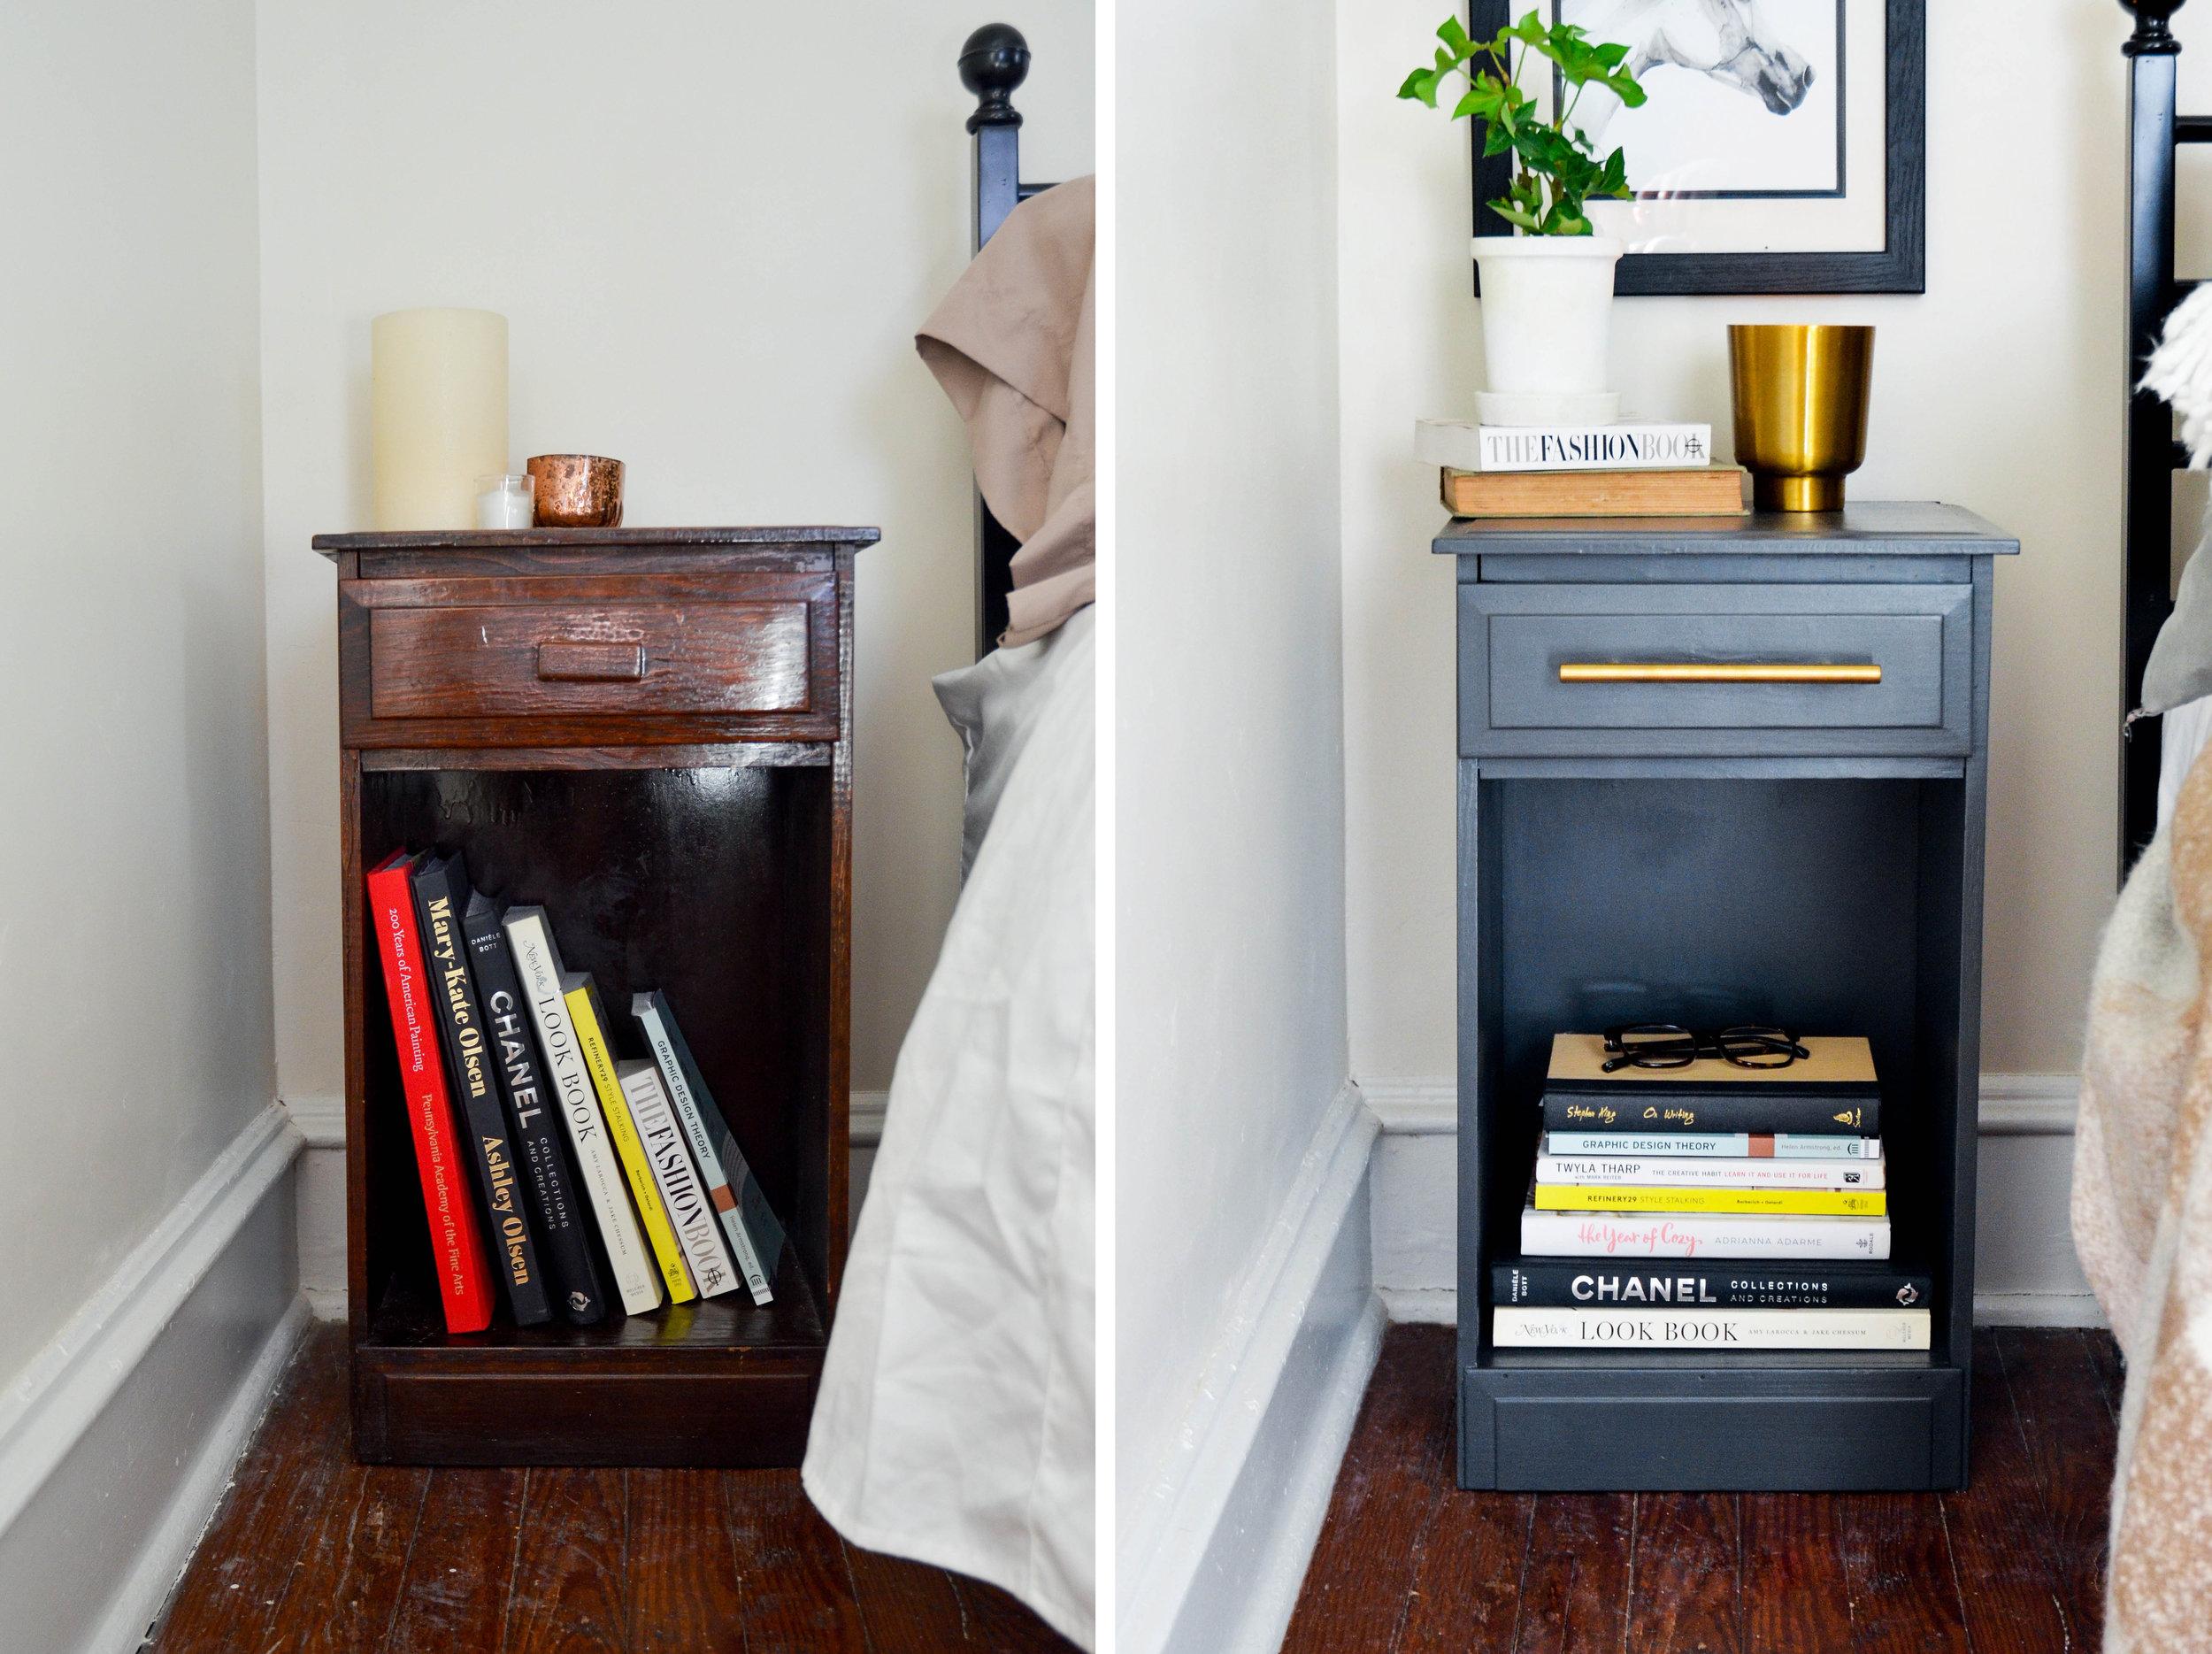 Before & After : DIY Bedside Table Makeover